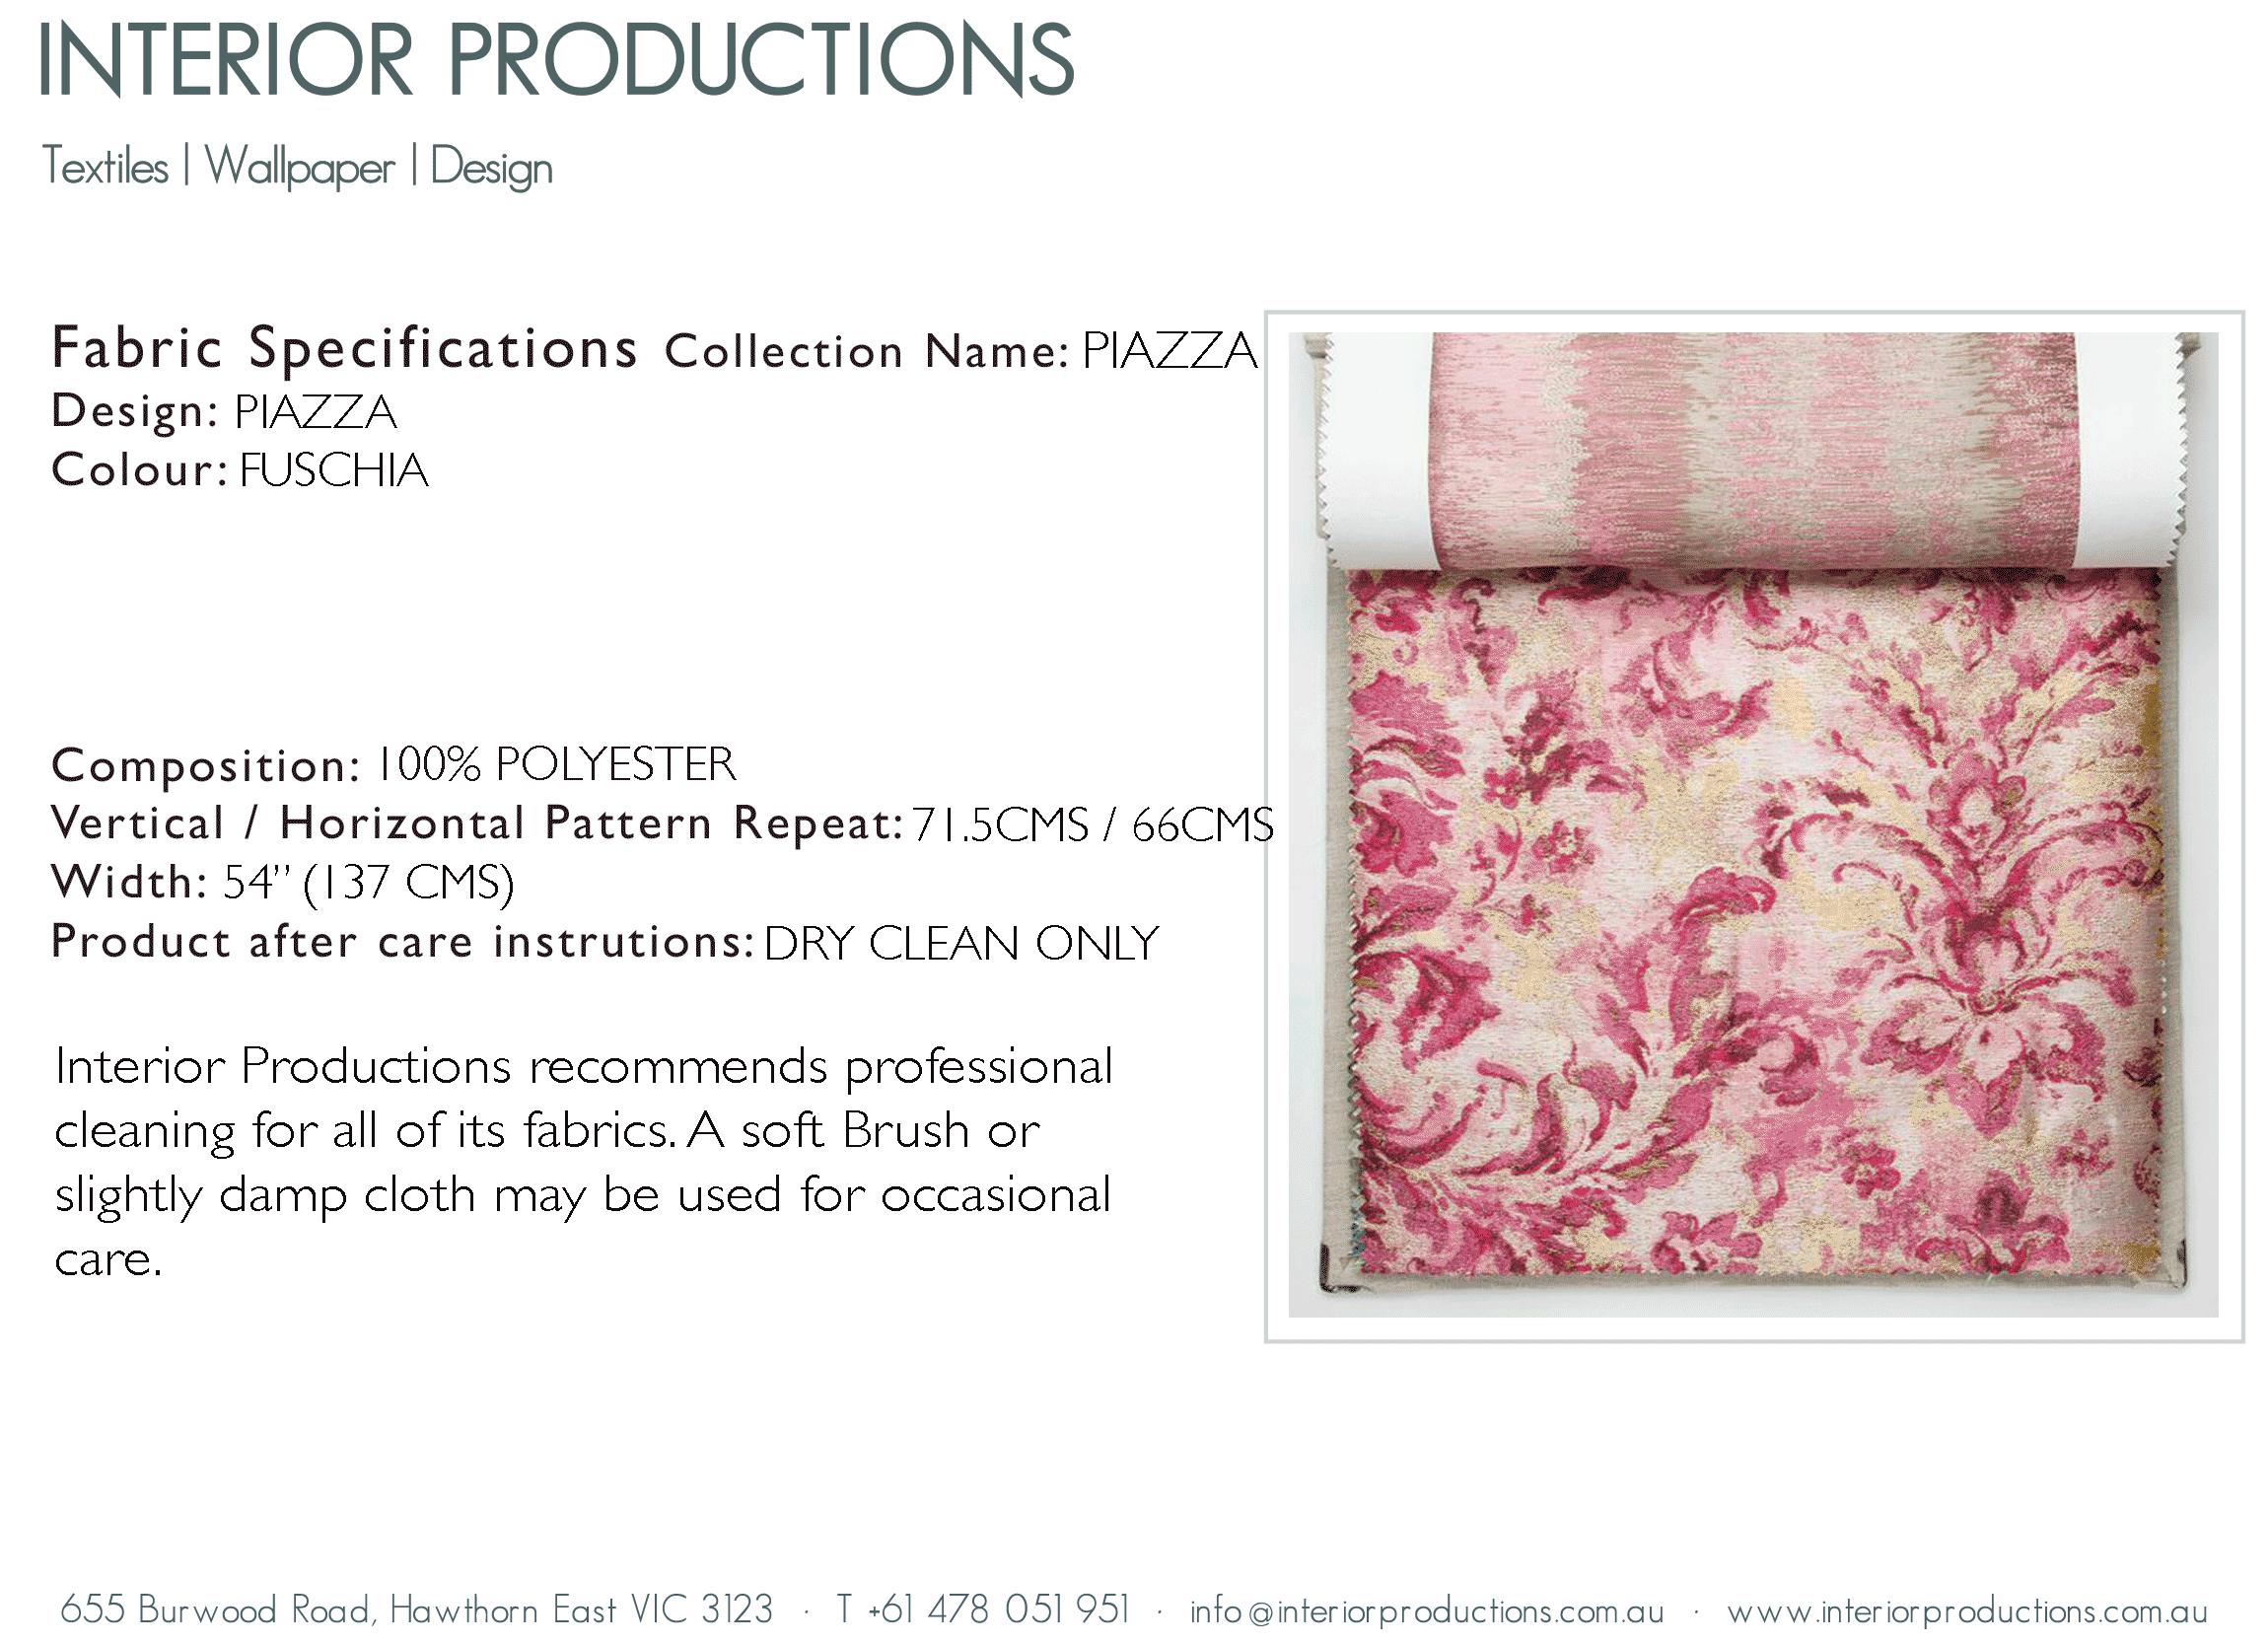 interior_productions_PIAZZA---FUSCHIA